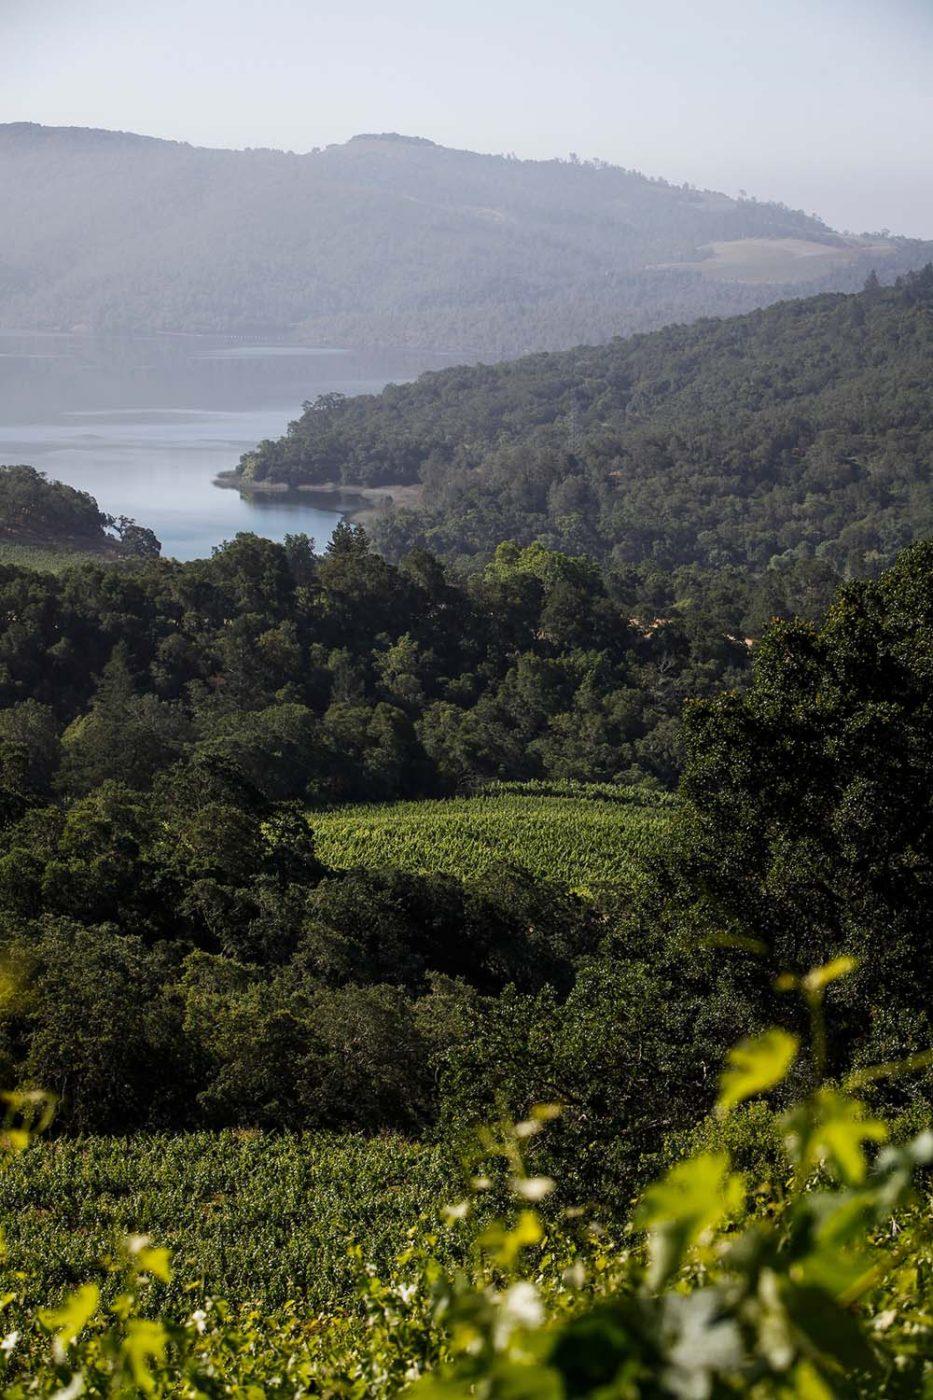 2012希维酒庄卡维娜,带你探秘纳帕谷隐秘的卓越风土